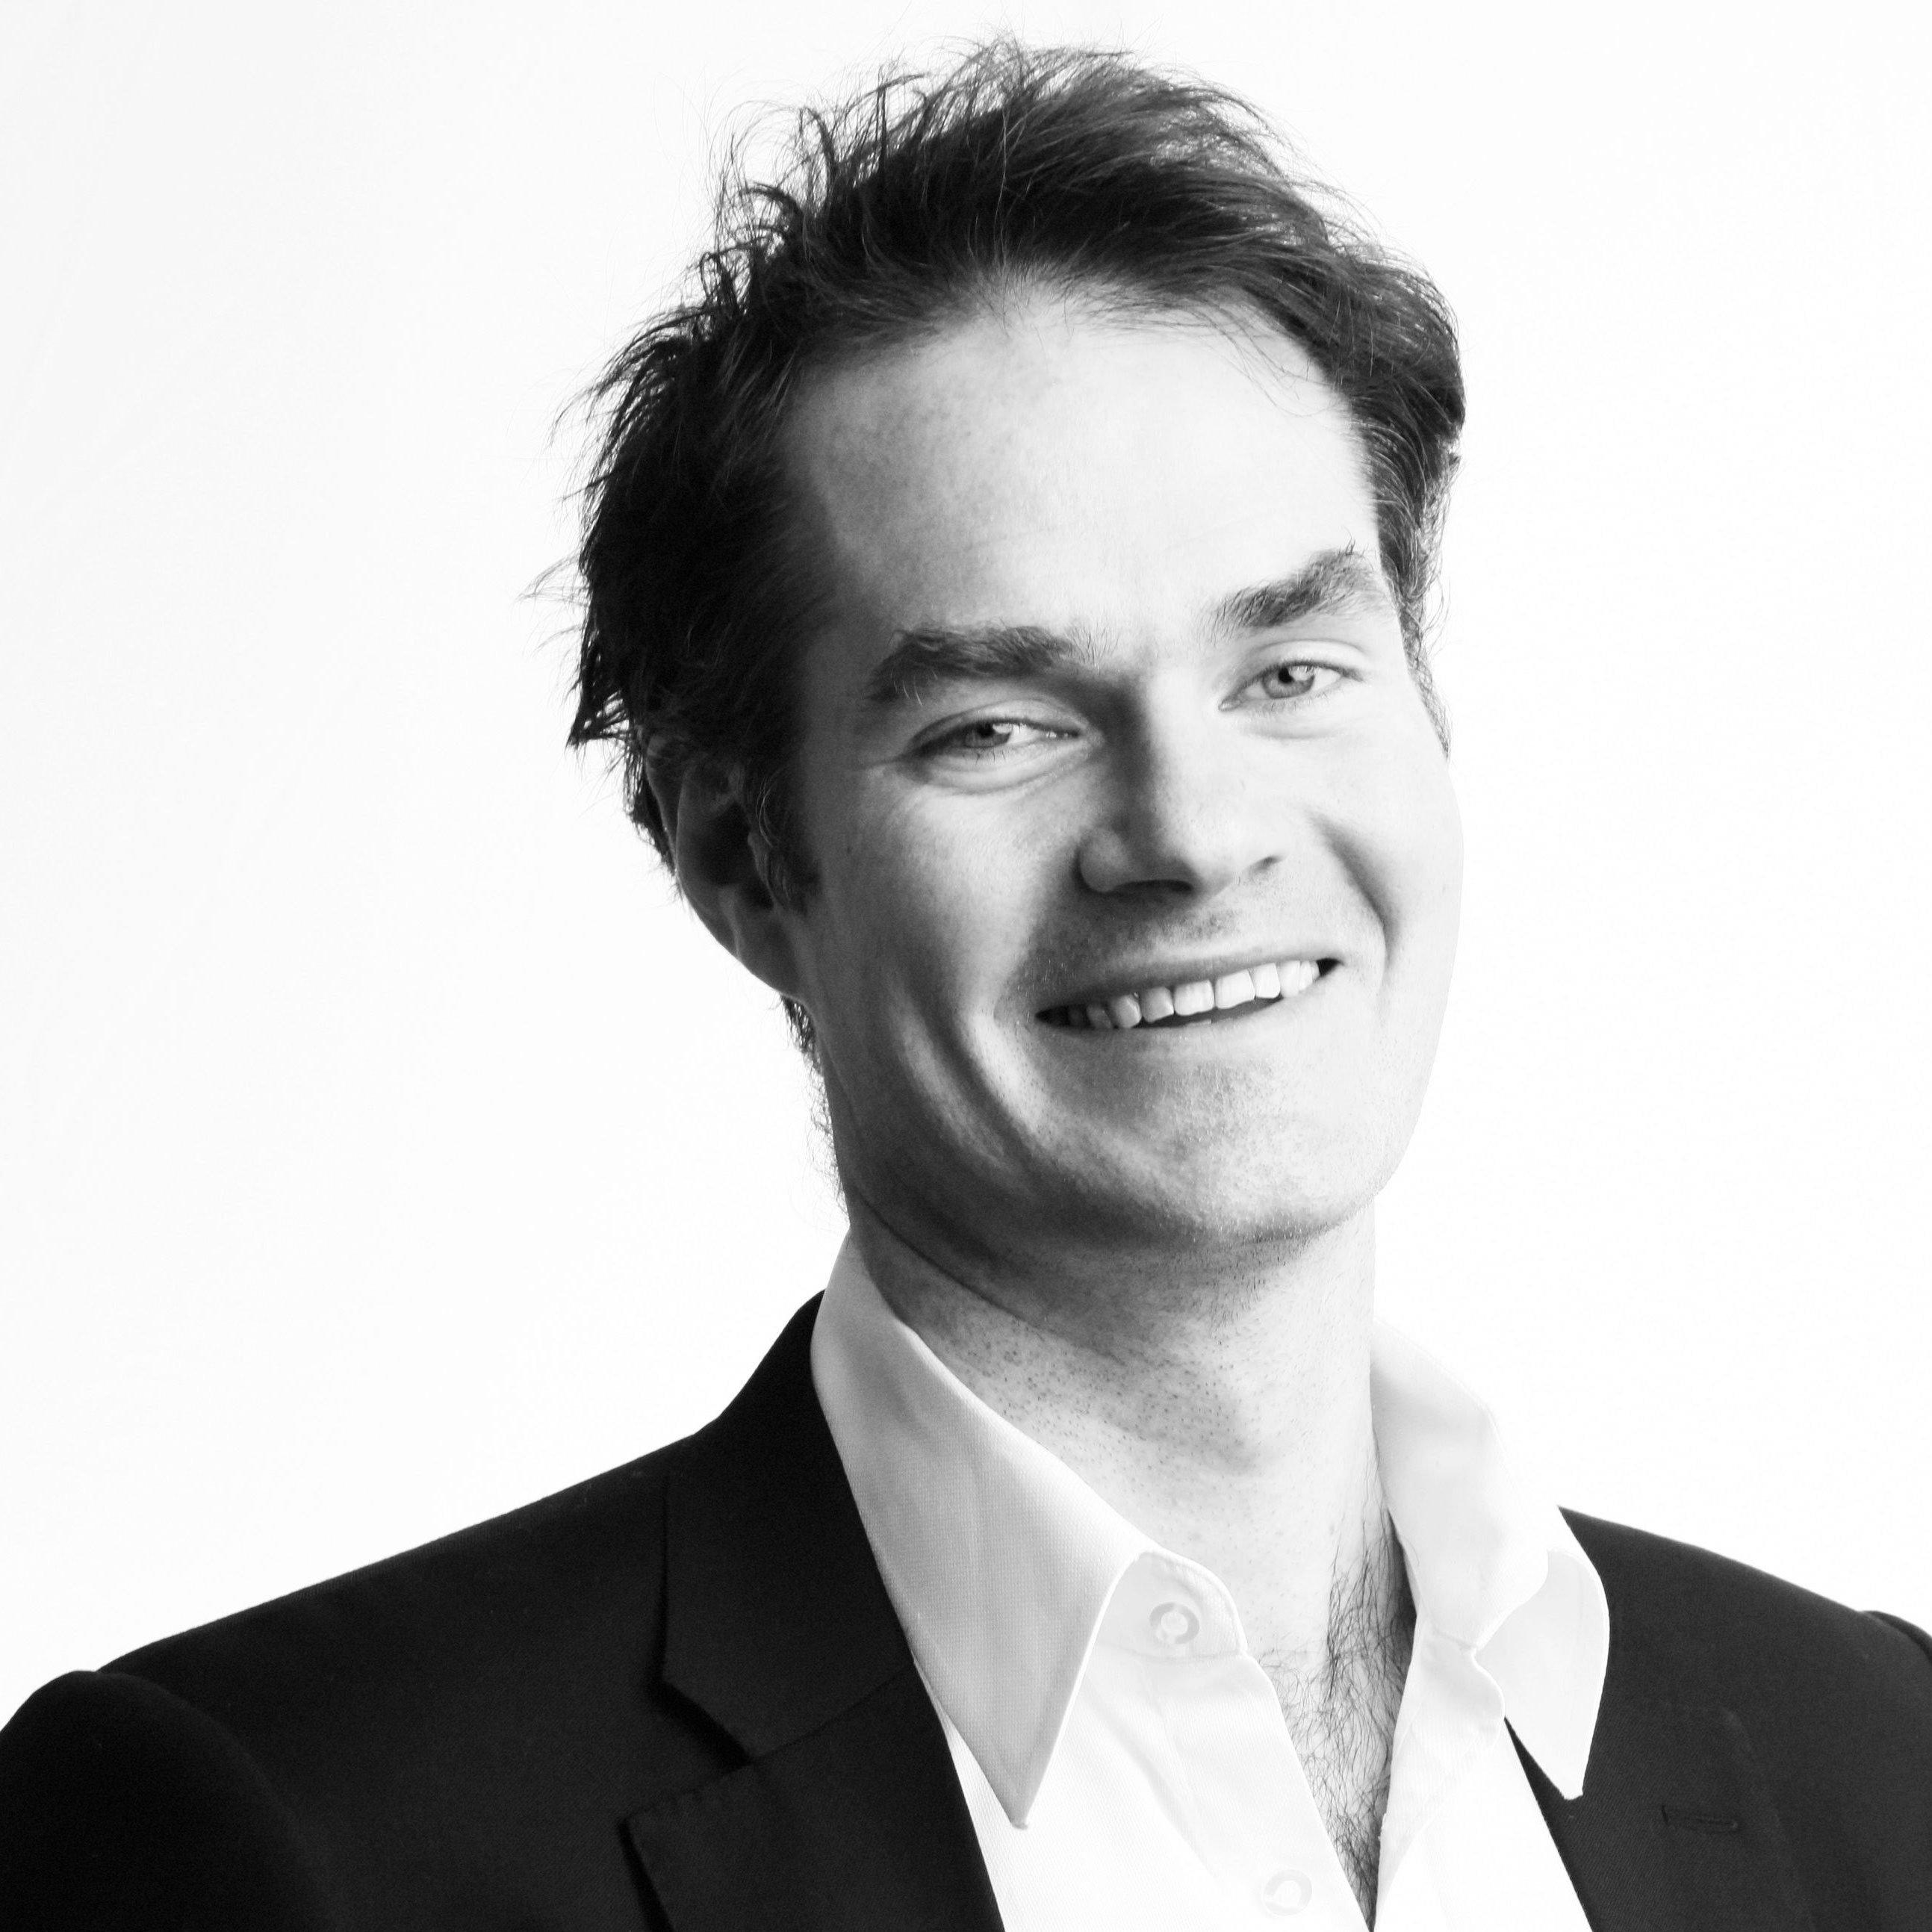 David-Buxton